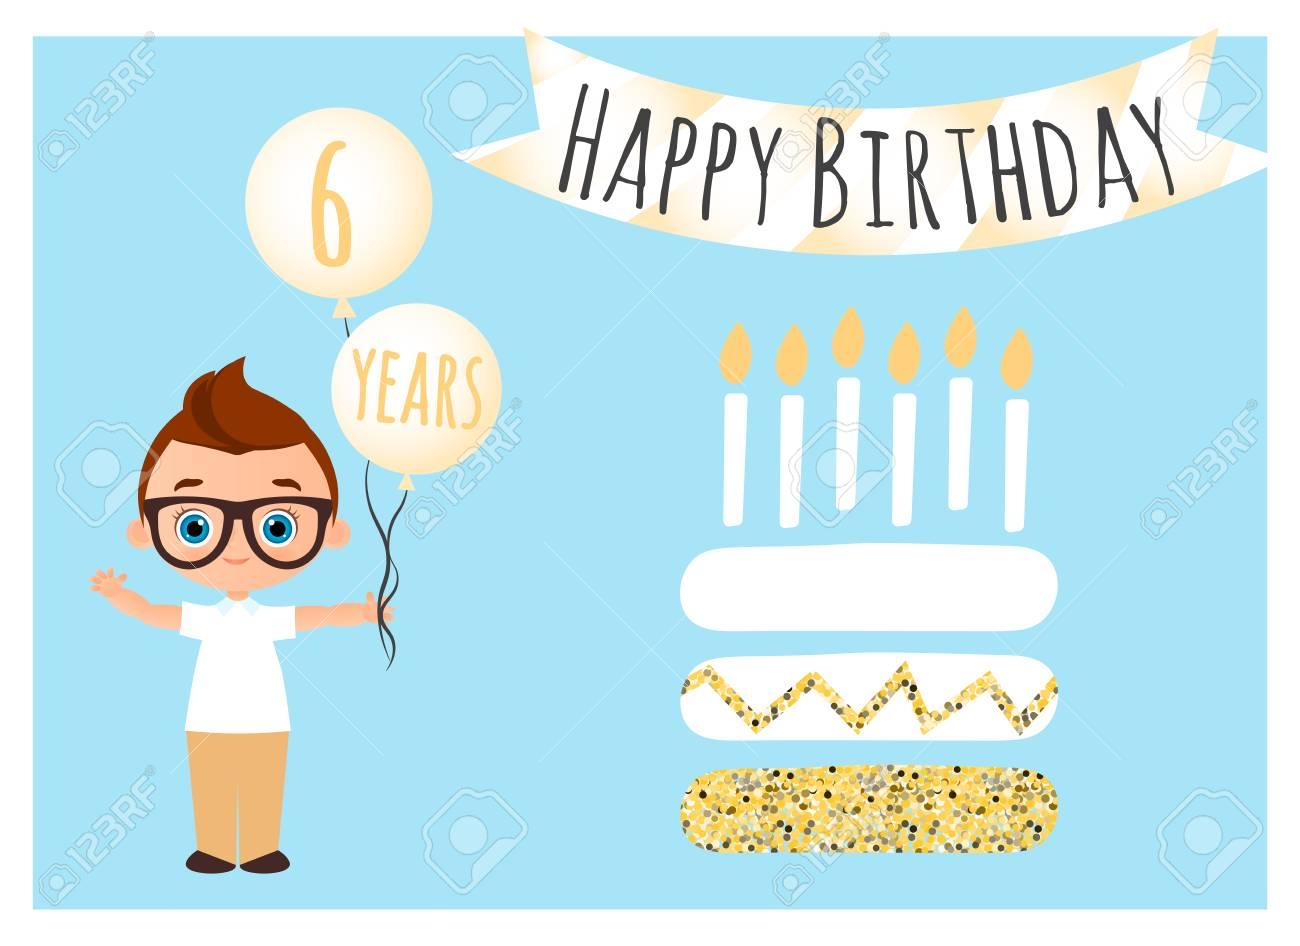 Feliz Cumpleaños Postal Fondo De Feliz Cumpleaños Para Cartel Banner Tarjeta Invitación Folleto Young Boy Tiene Bolas Con Felicitaciones Vector